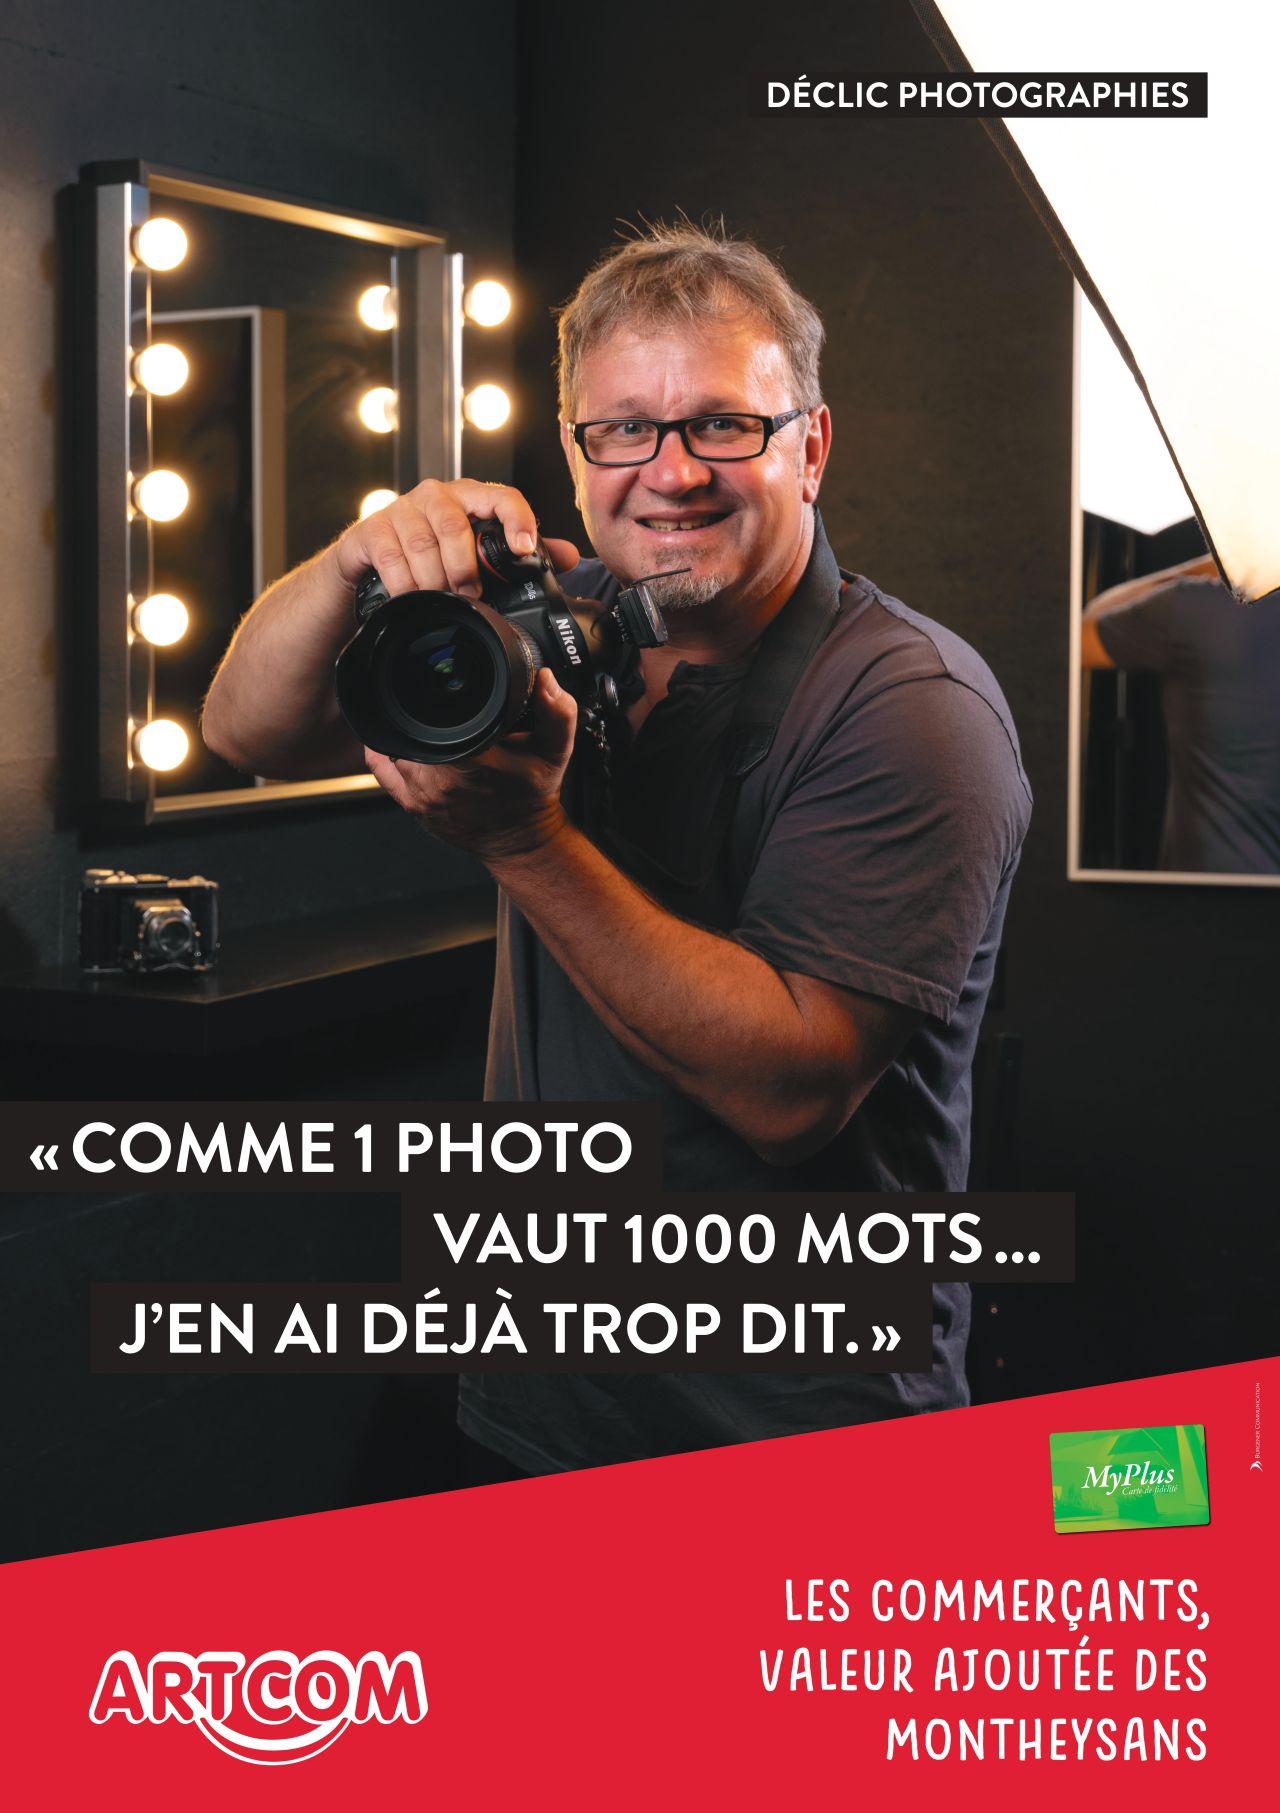 Affiche Declic photographie